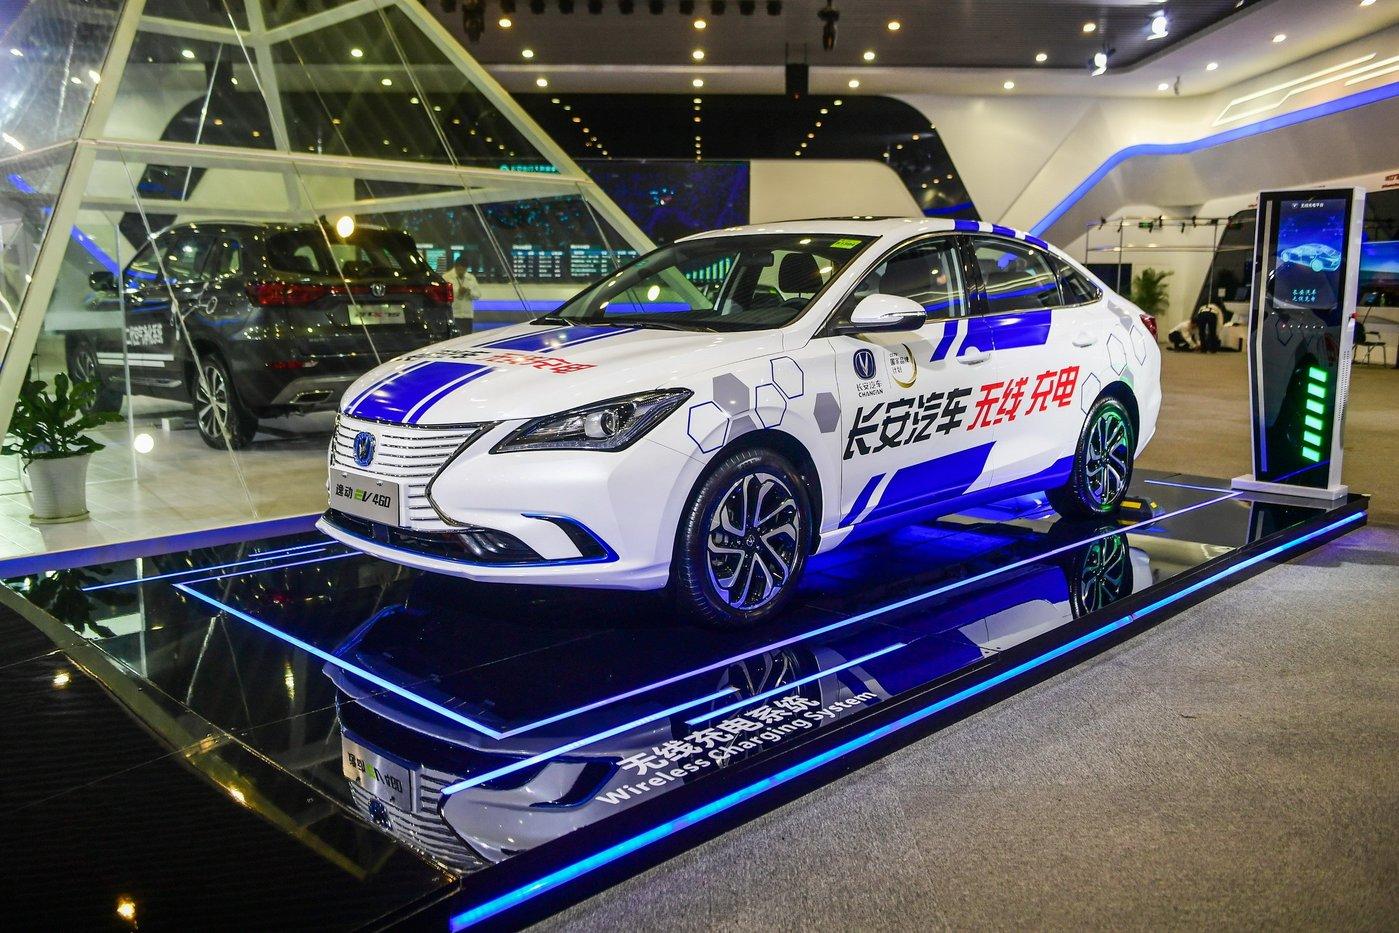 长安汽车展示的新能源车型无线充电